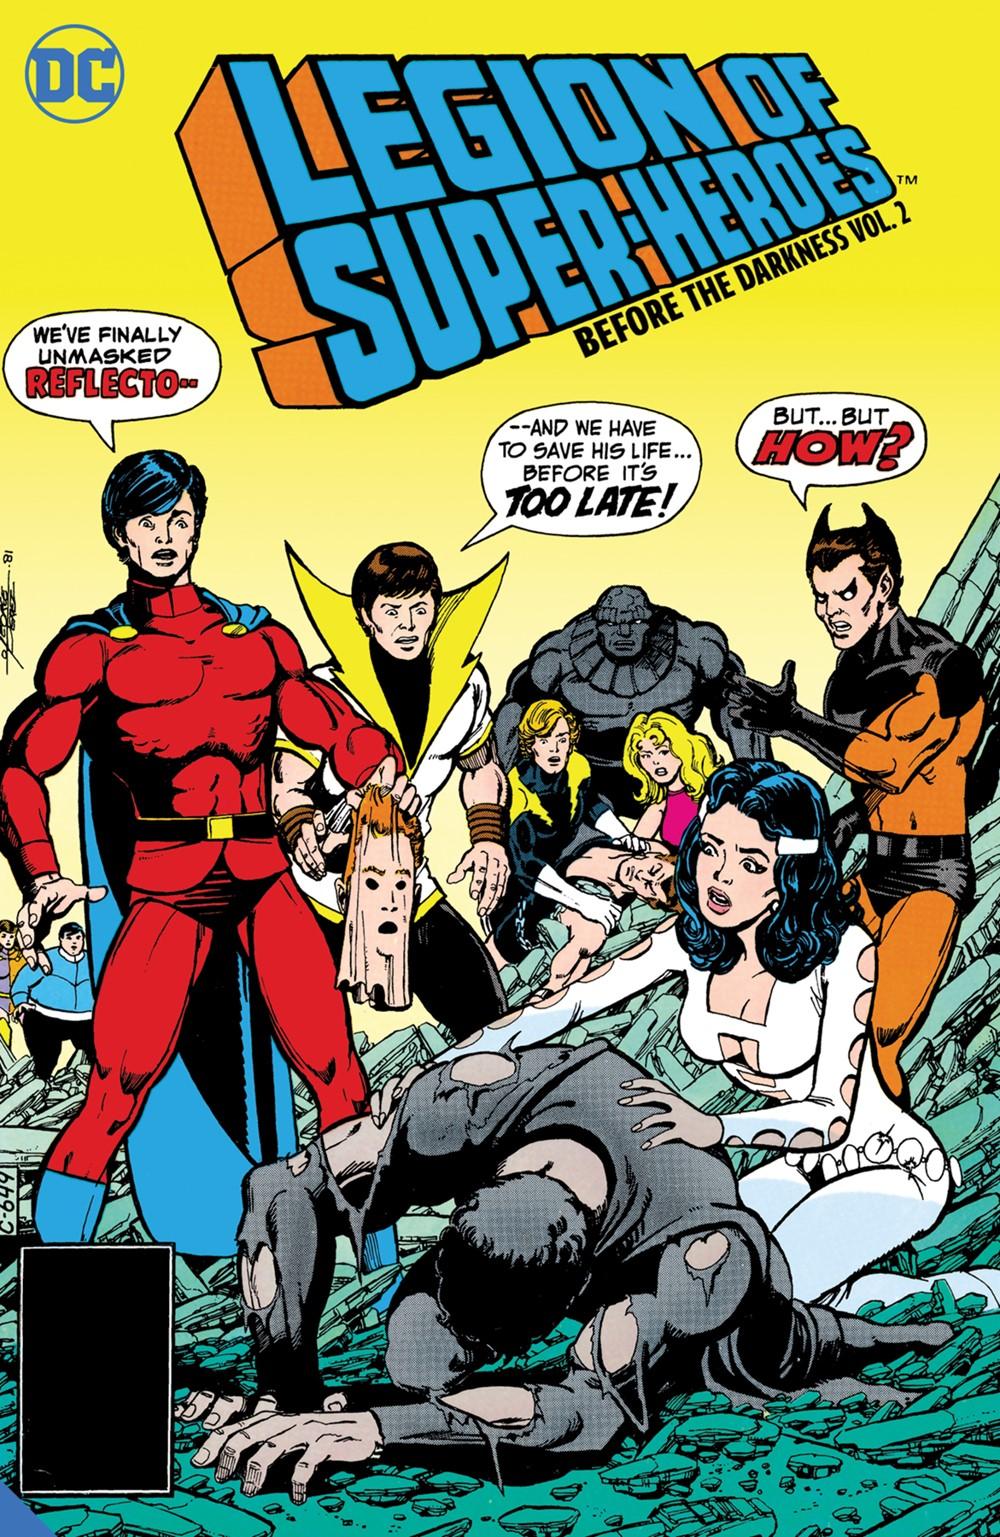 legionofsuperheroes-beforethedarkness-vol2 DC Comics December 2021 Solicitations